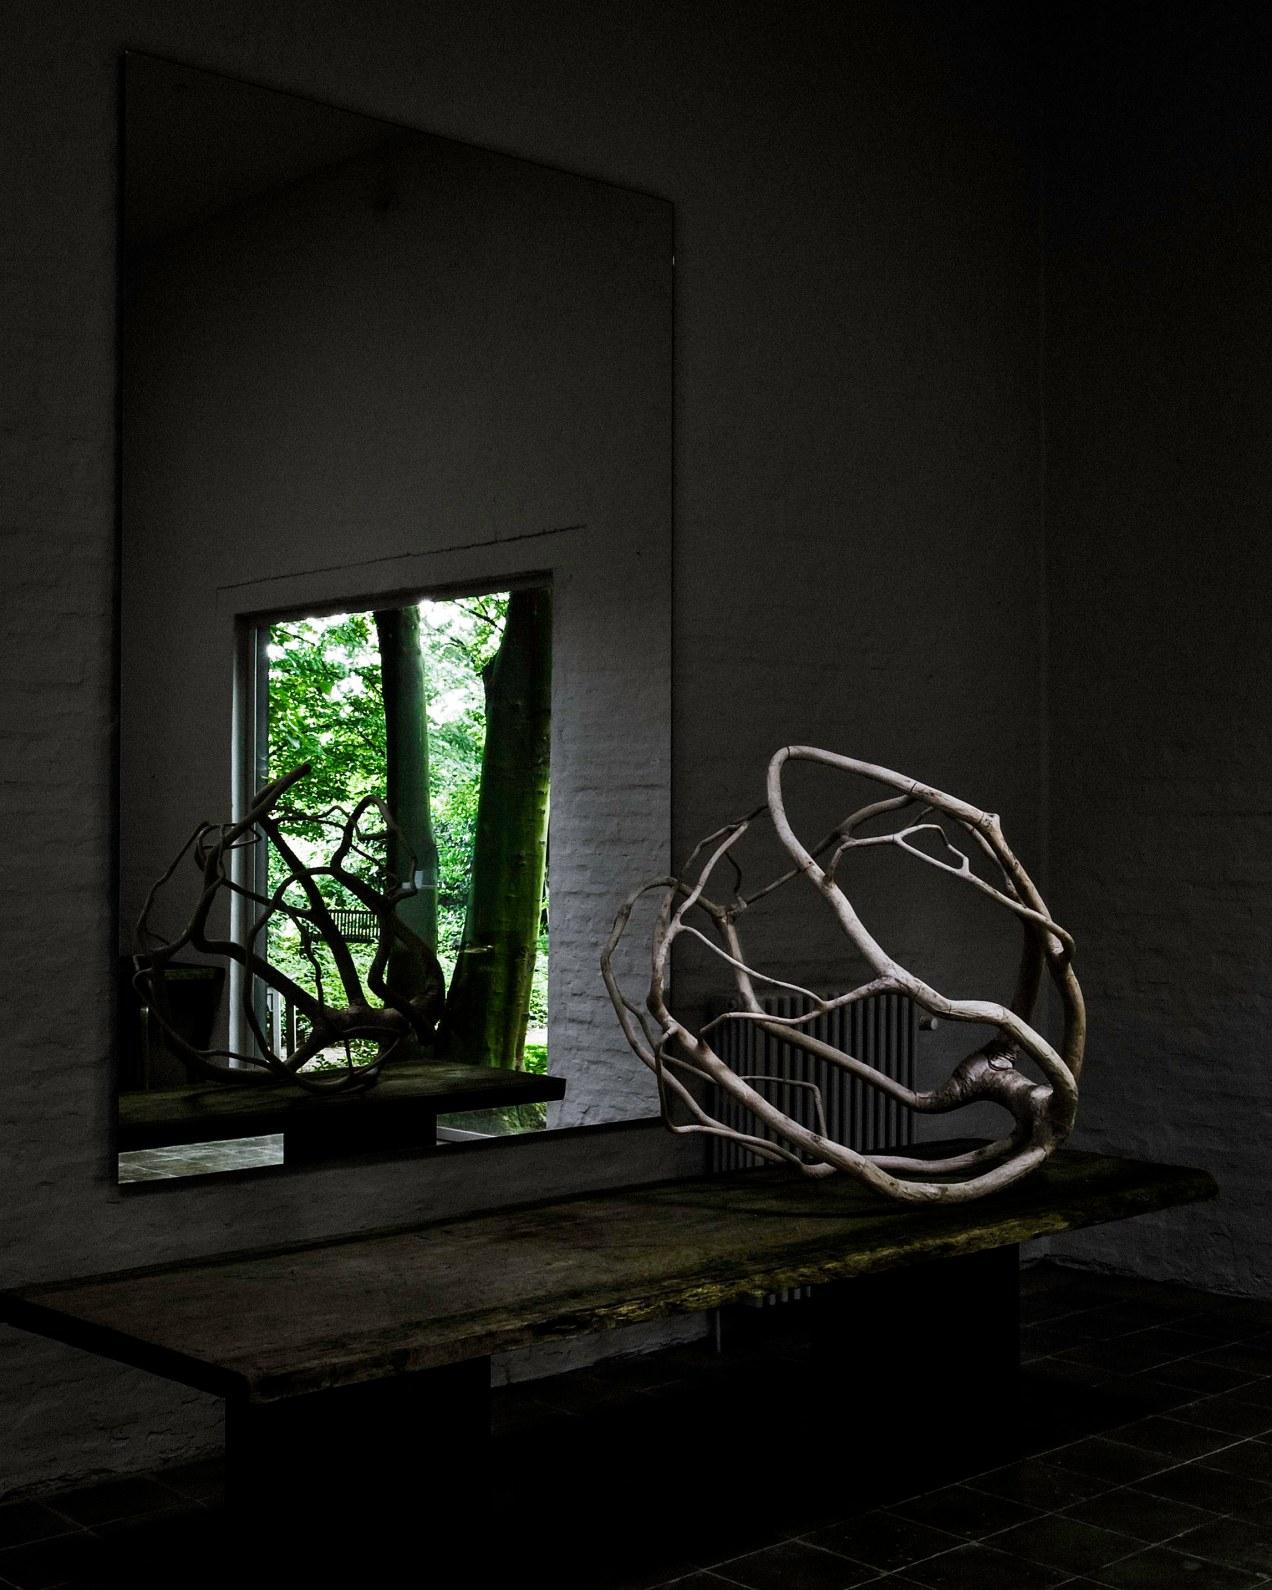 Le miroir aux oiseaux, belgique, gildalliere, 2011